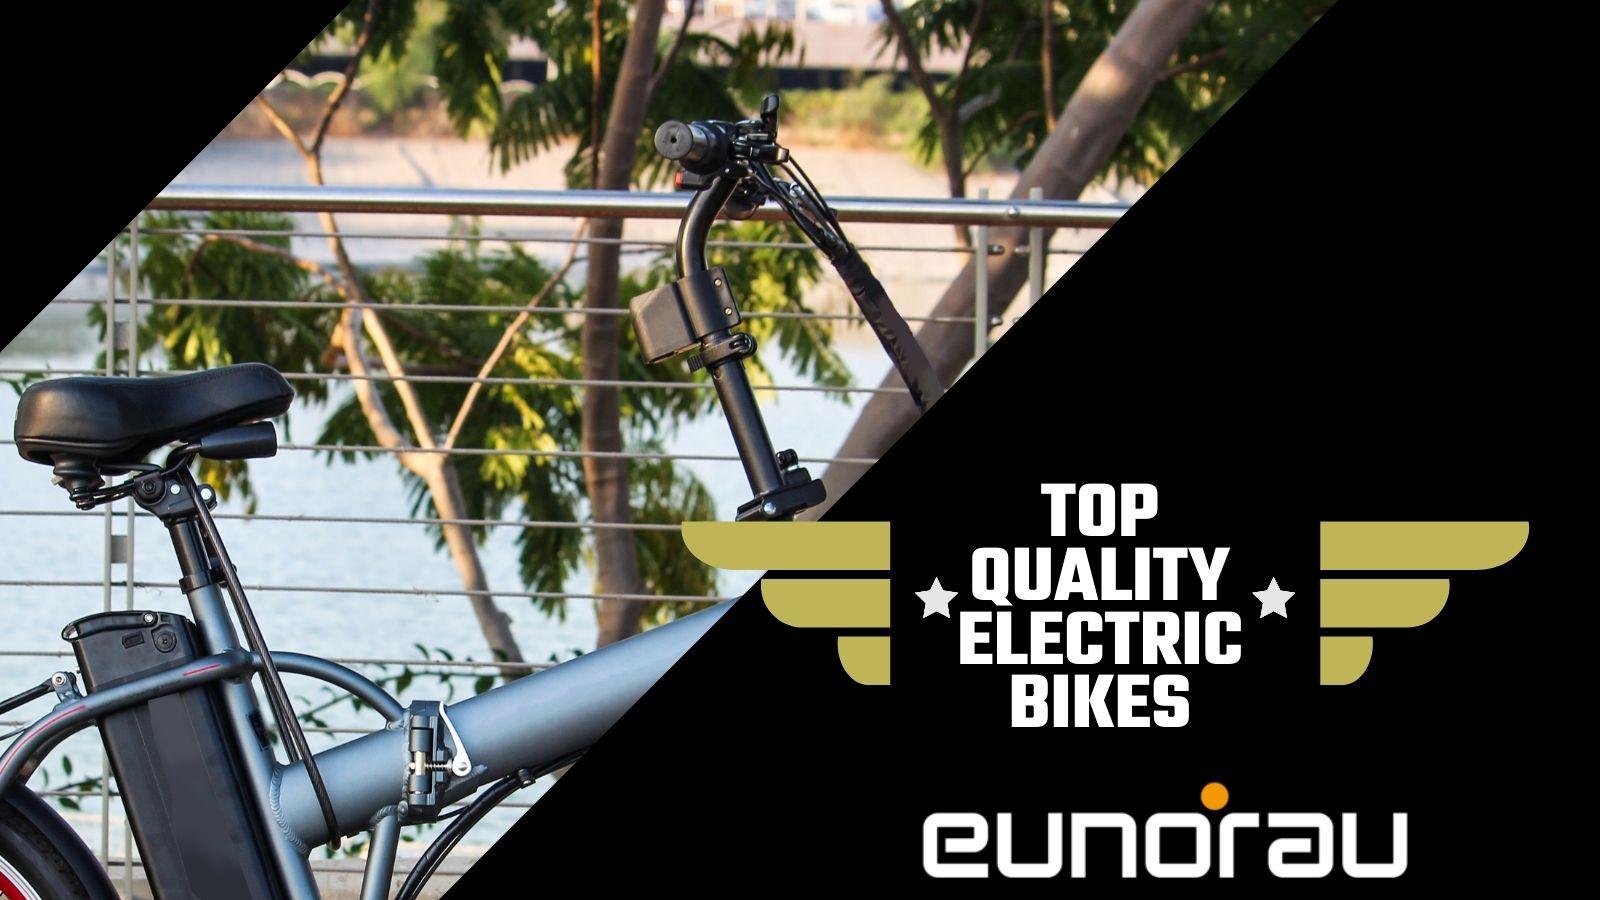 Eunorau EBikes Coupon Code